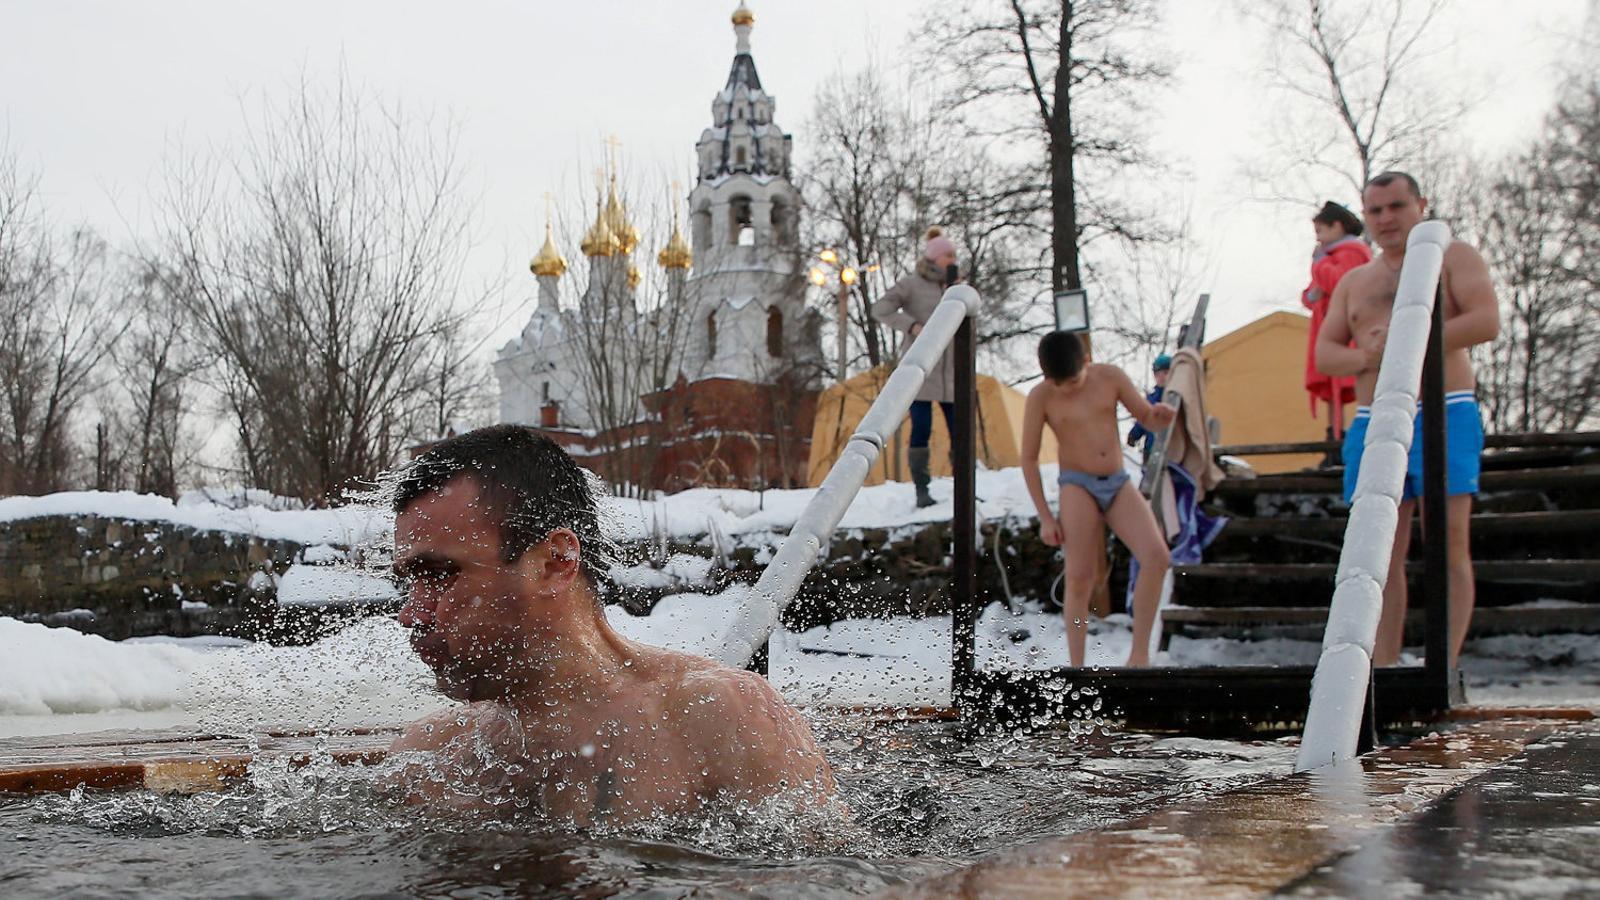 Un home banyant-se en una piscina d'aigua gelada a Moscou, malgrat que les temperatures són sota zero.